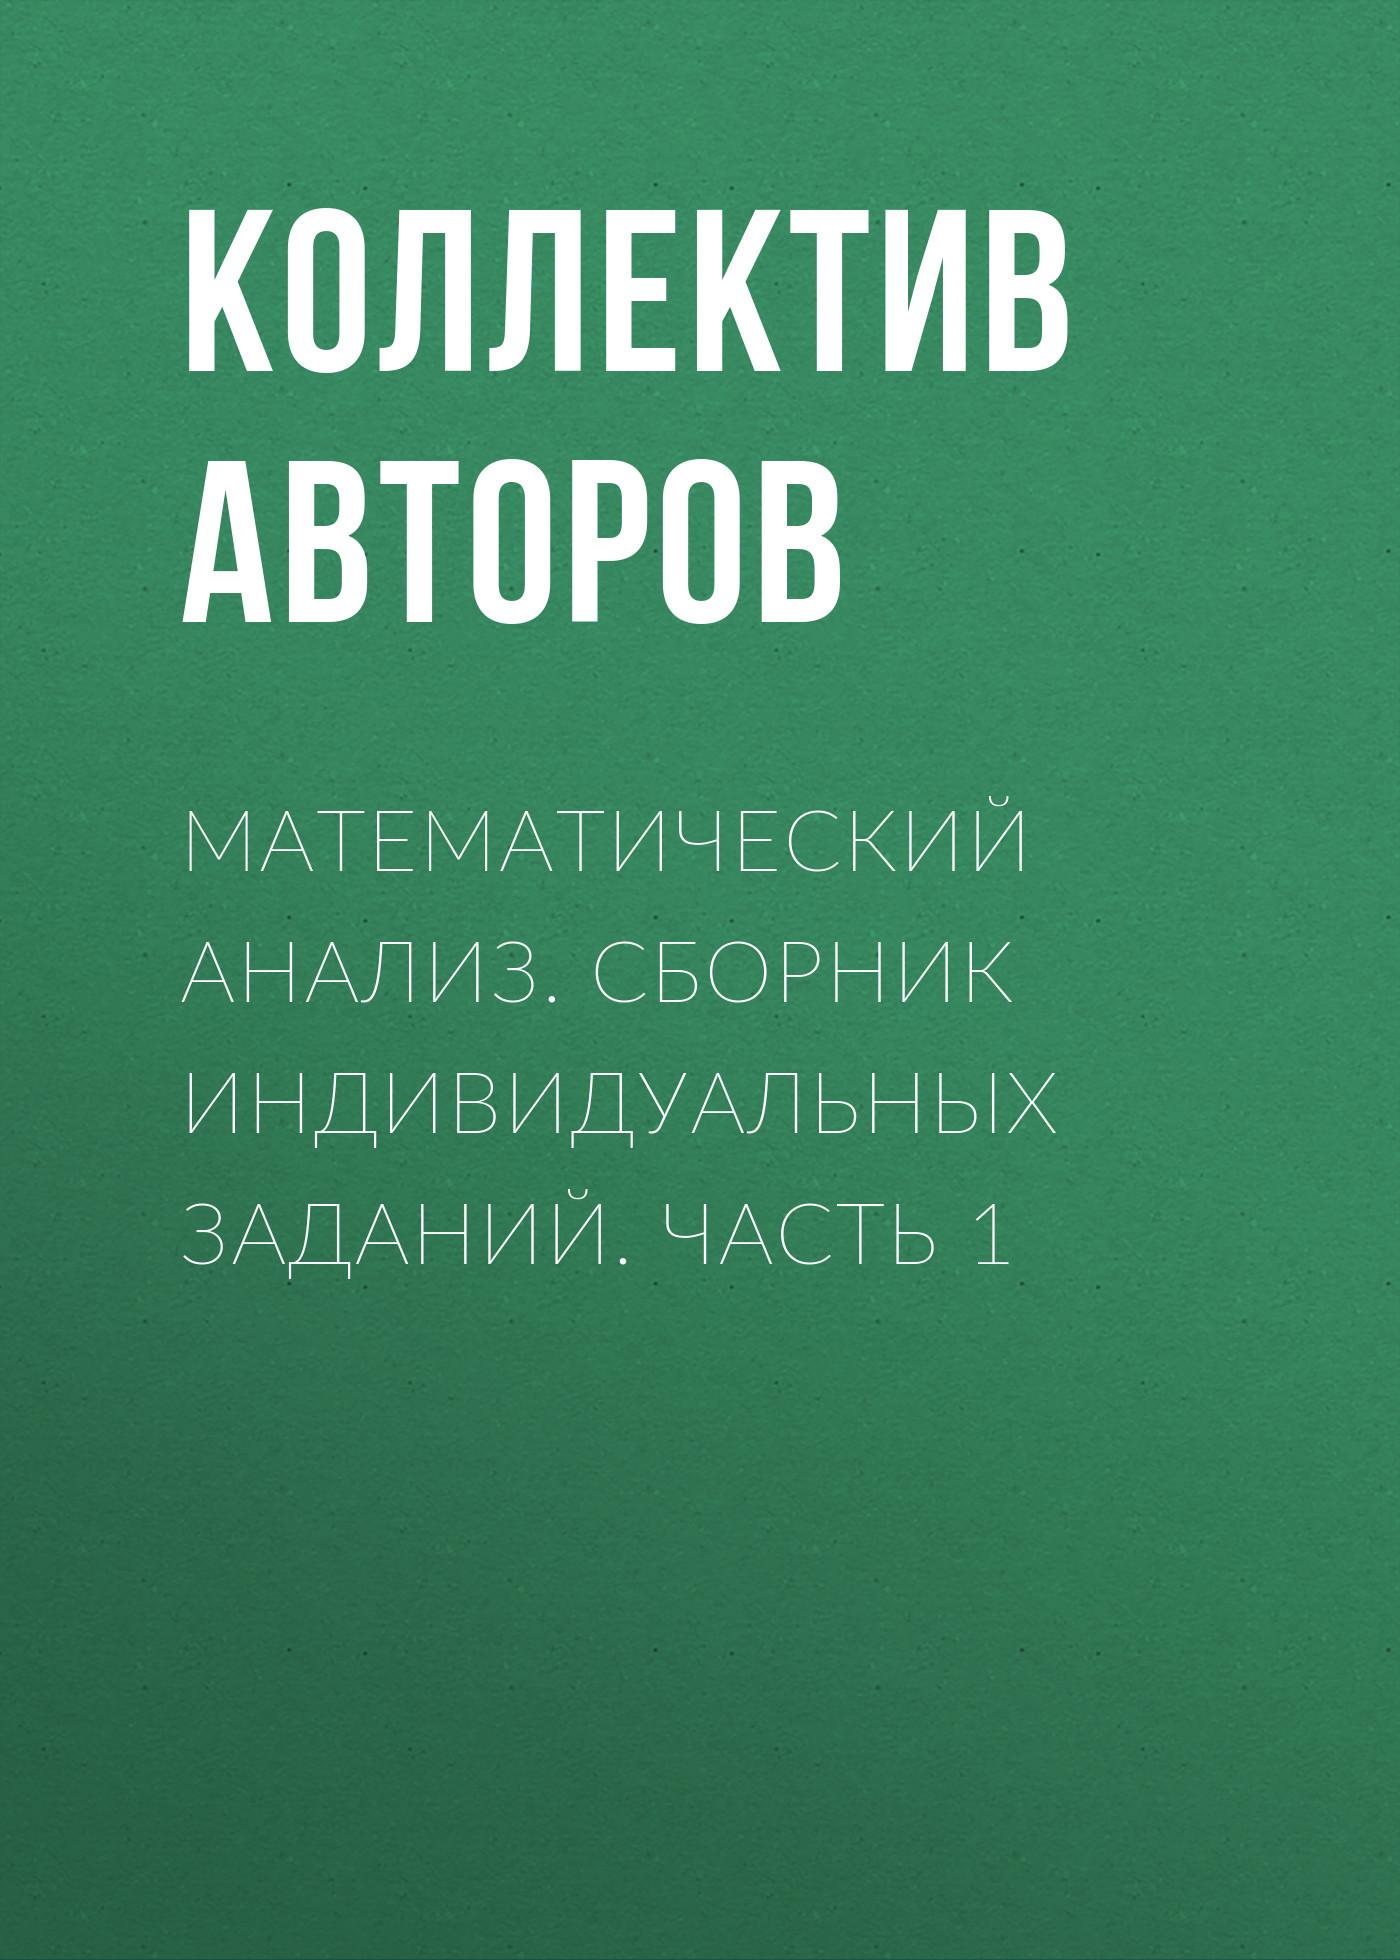 Коллектив авторов Математический анализ. Сборник индивидуальных заданий. Часть 1